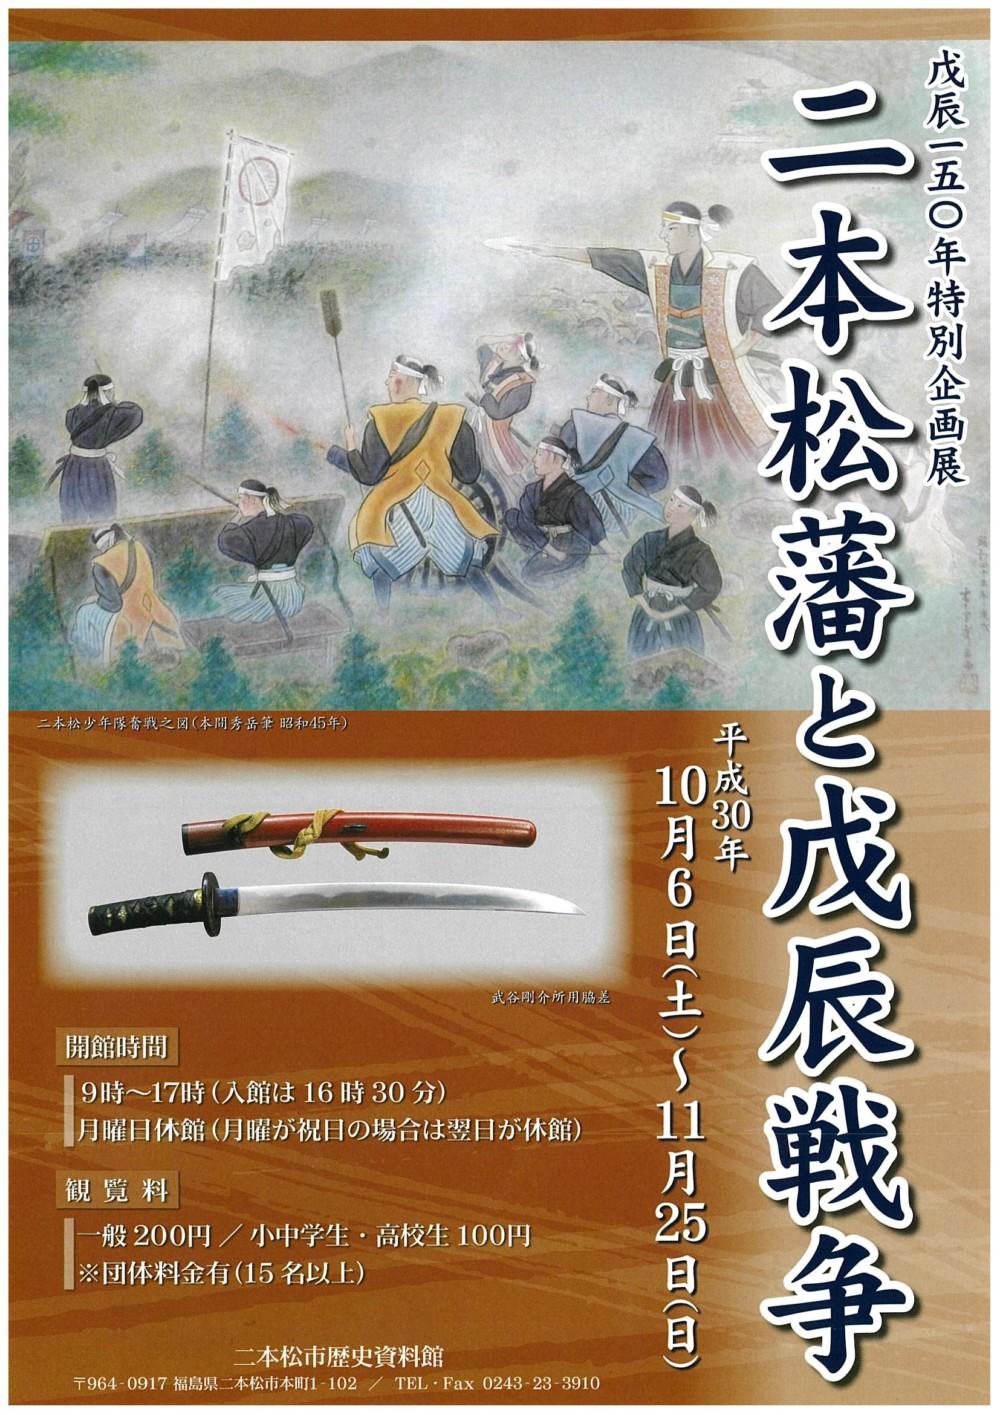 戊辰150年特別企画展「二本松藩と戊辰戦争」